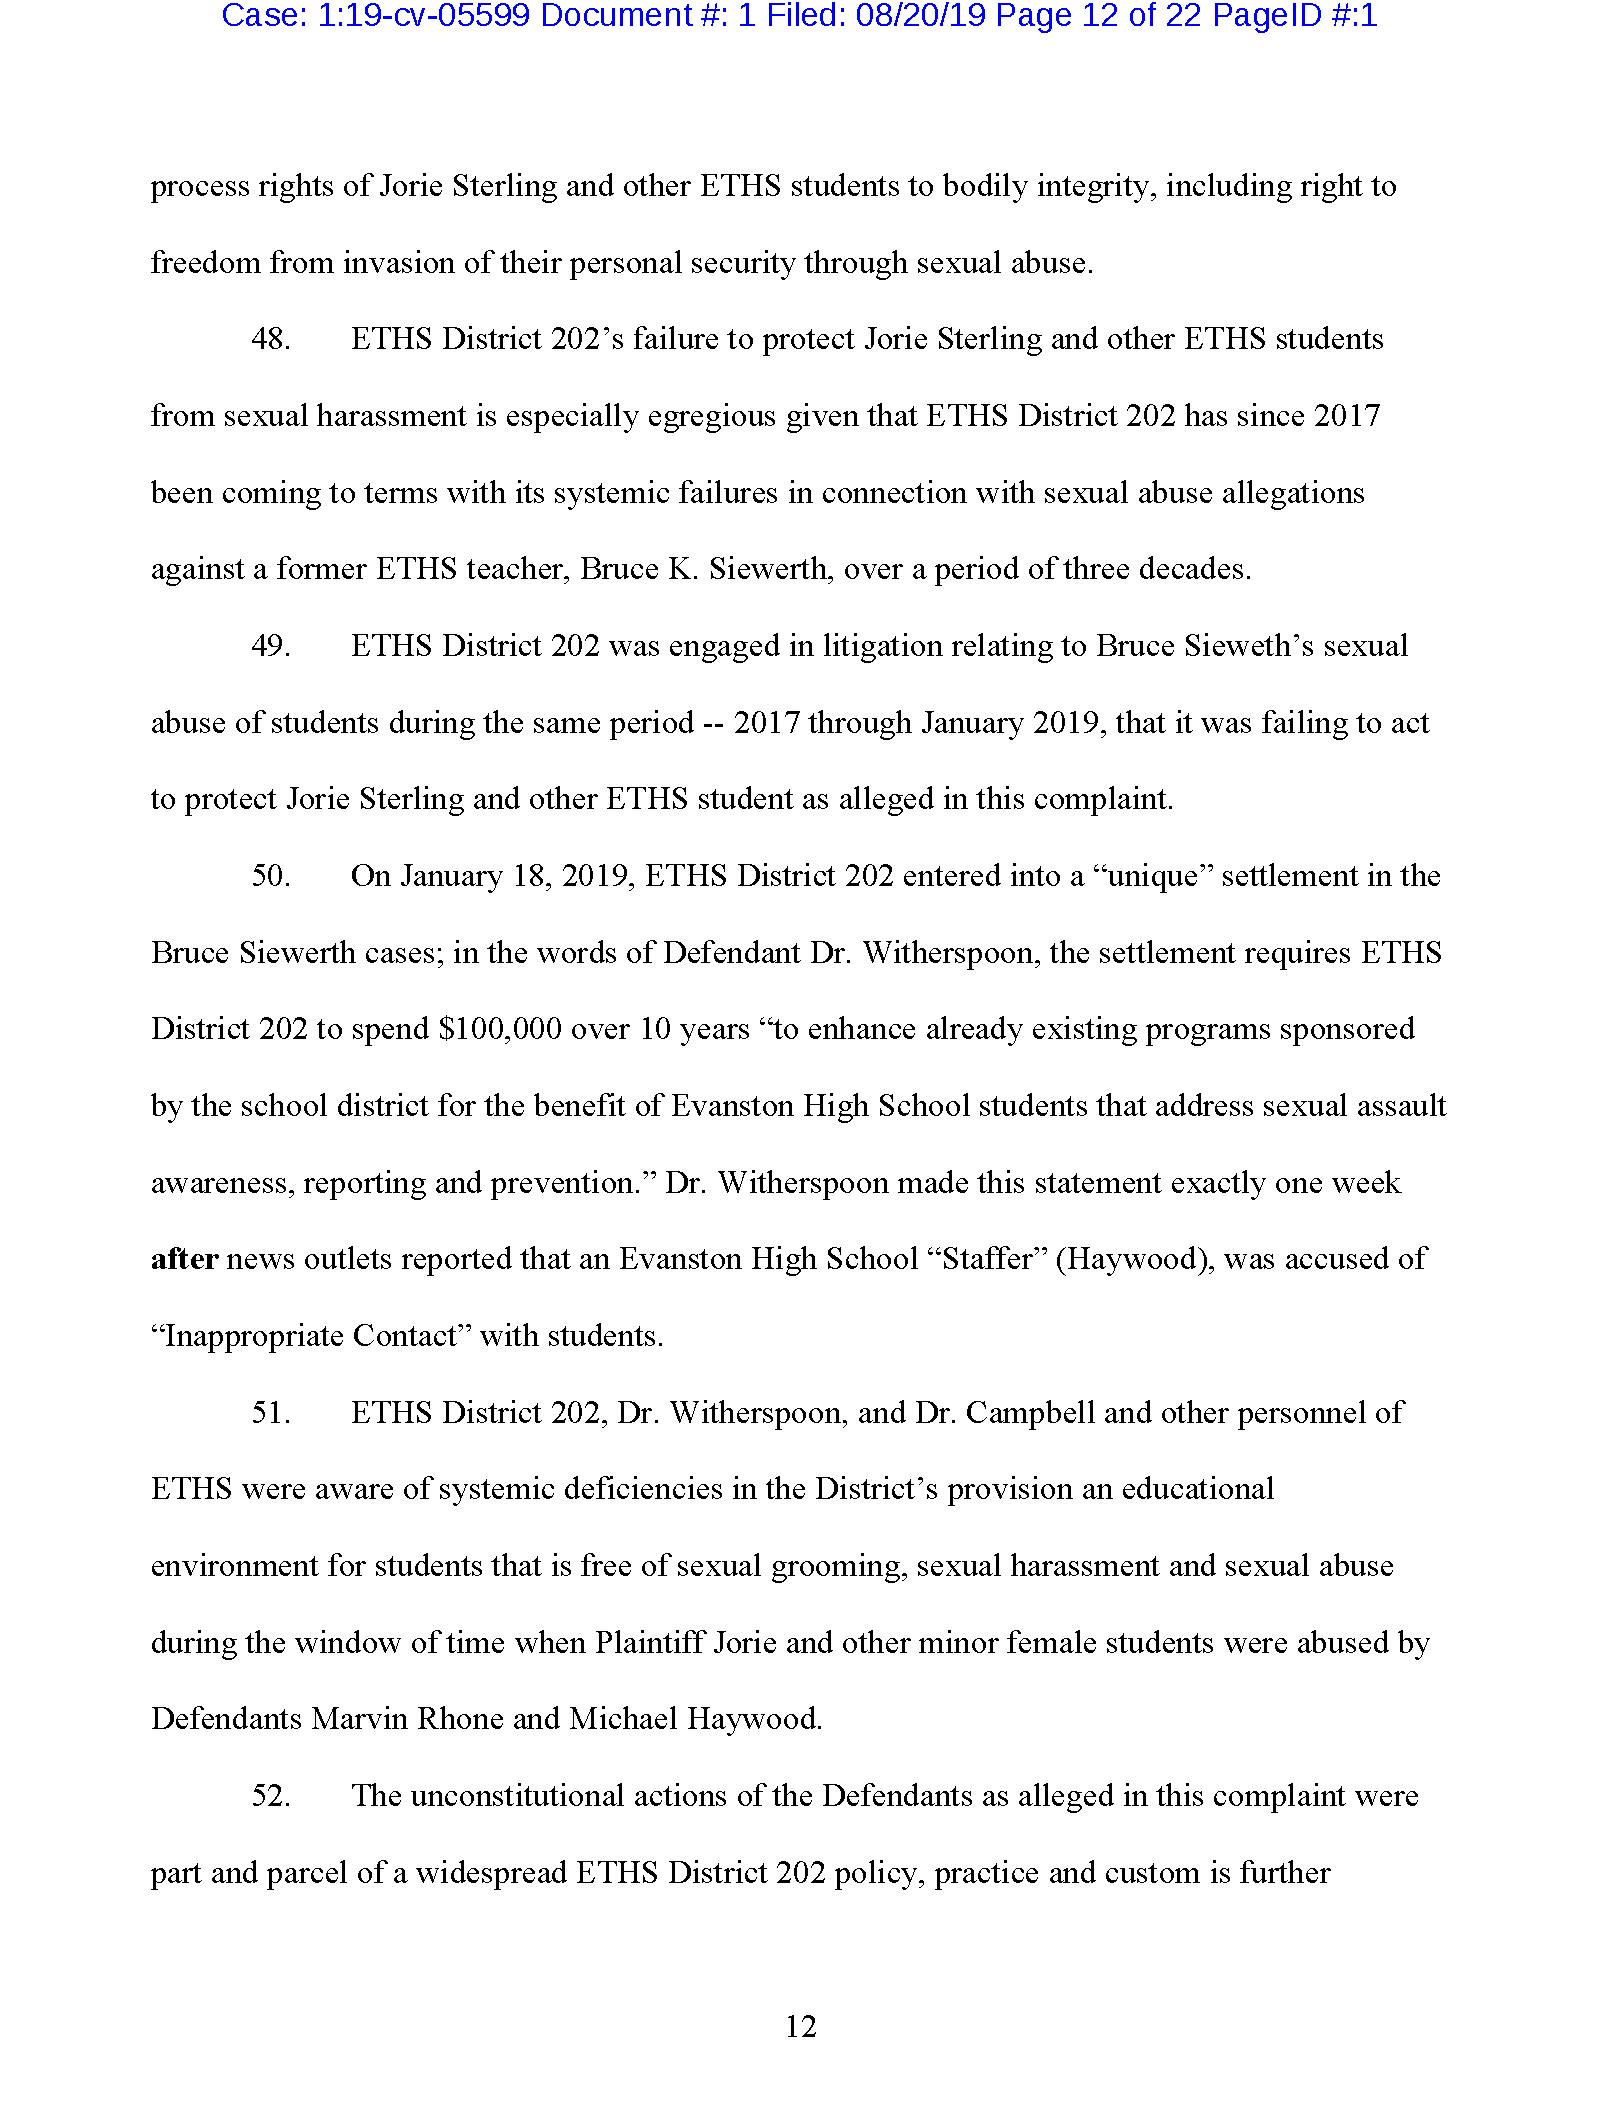 Copy of Complaint0112.png